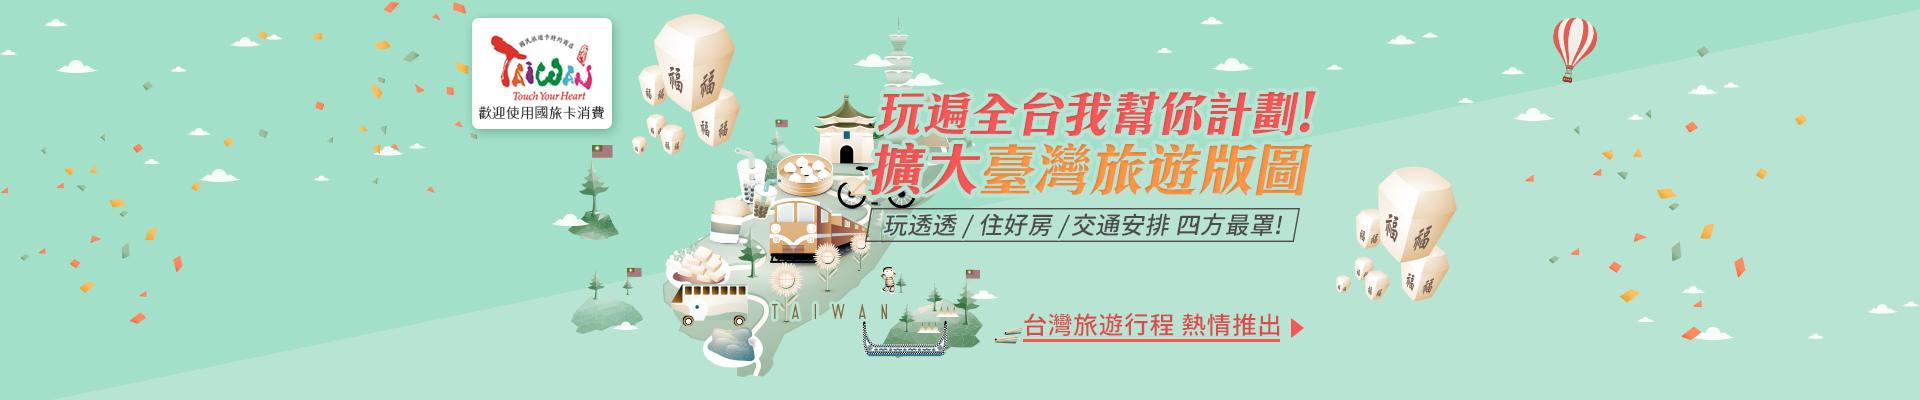 台灣行程形象廣告